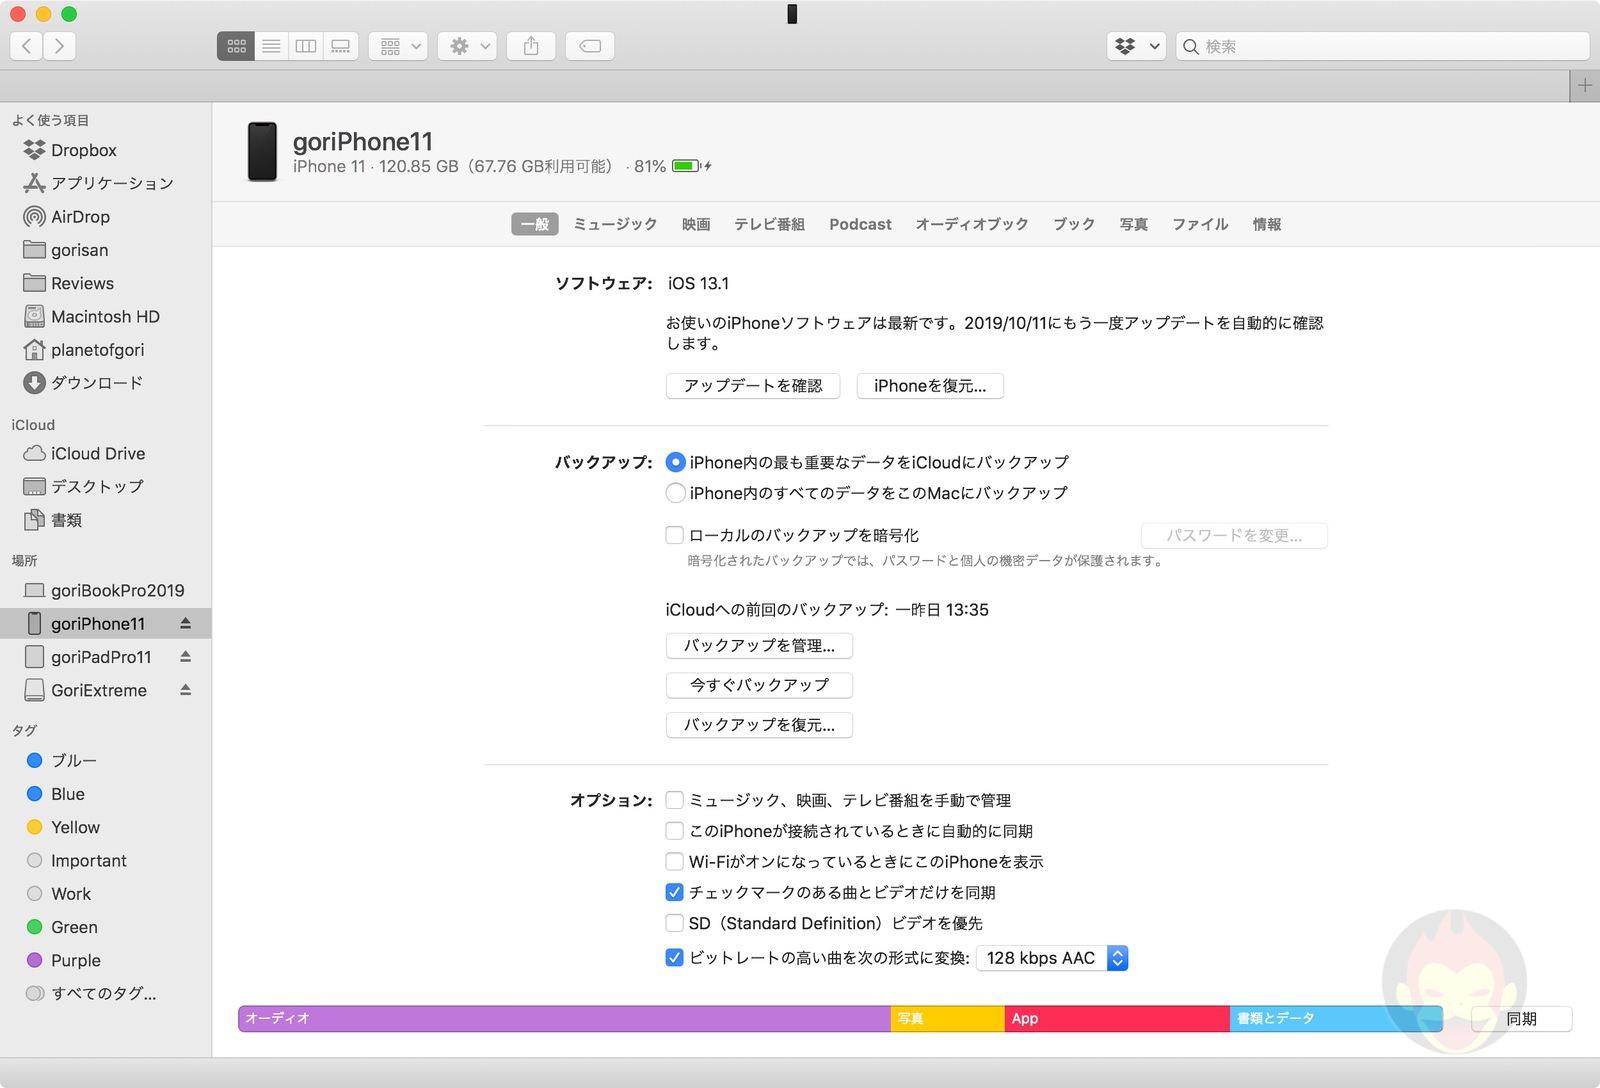 MacOS Catalina helper application error 04